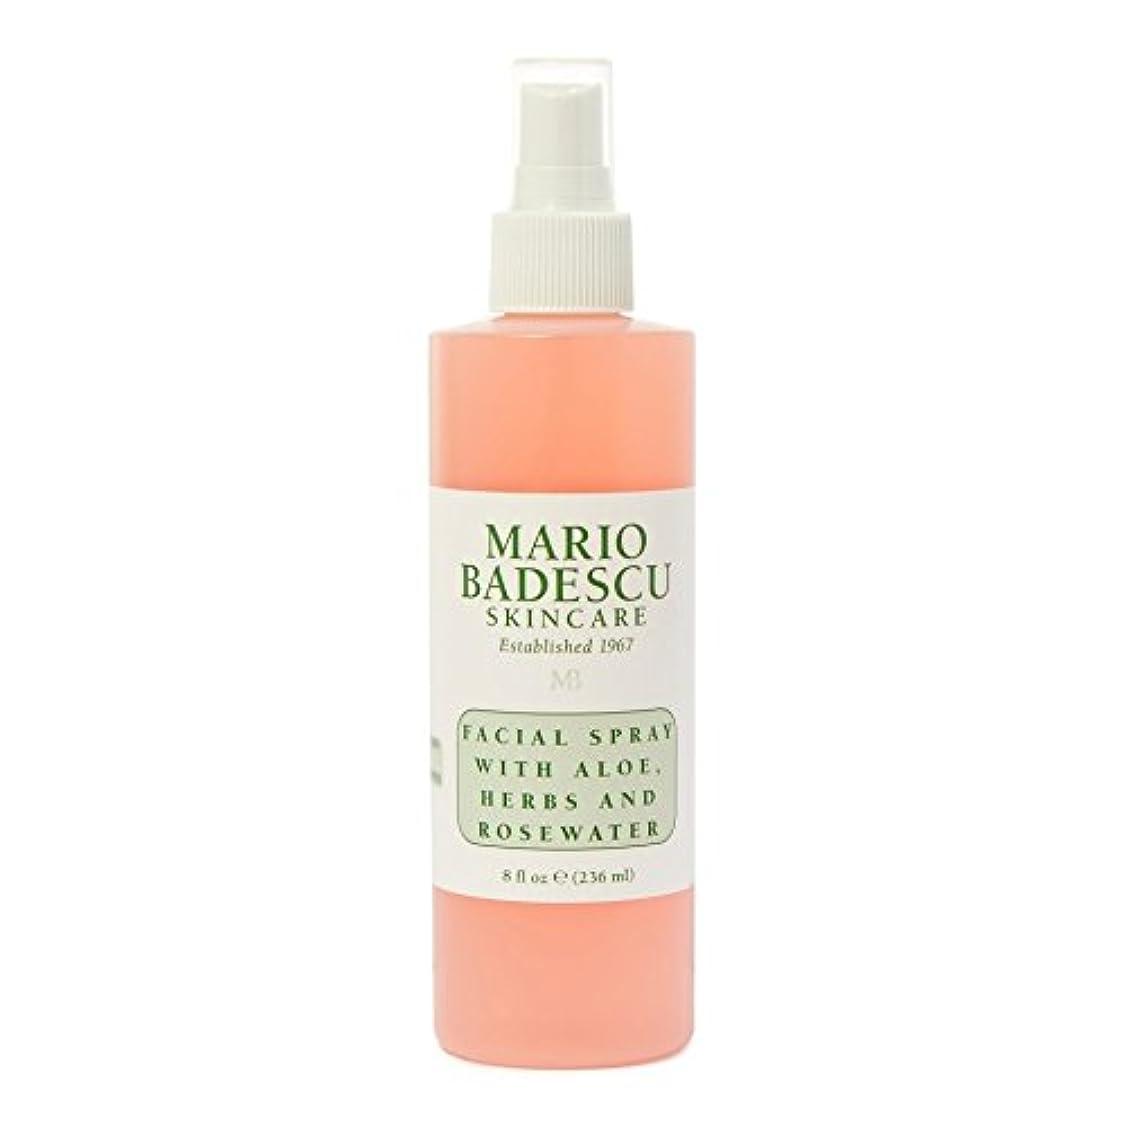 動かない隣人必需品Mario Badescu Facial Spray 236ml - マリオ?バデスキュー顔面スプレー236ミリリットル [並行輸入品]